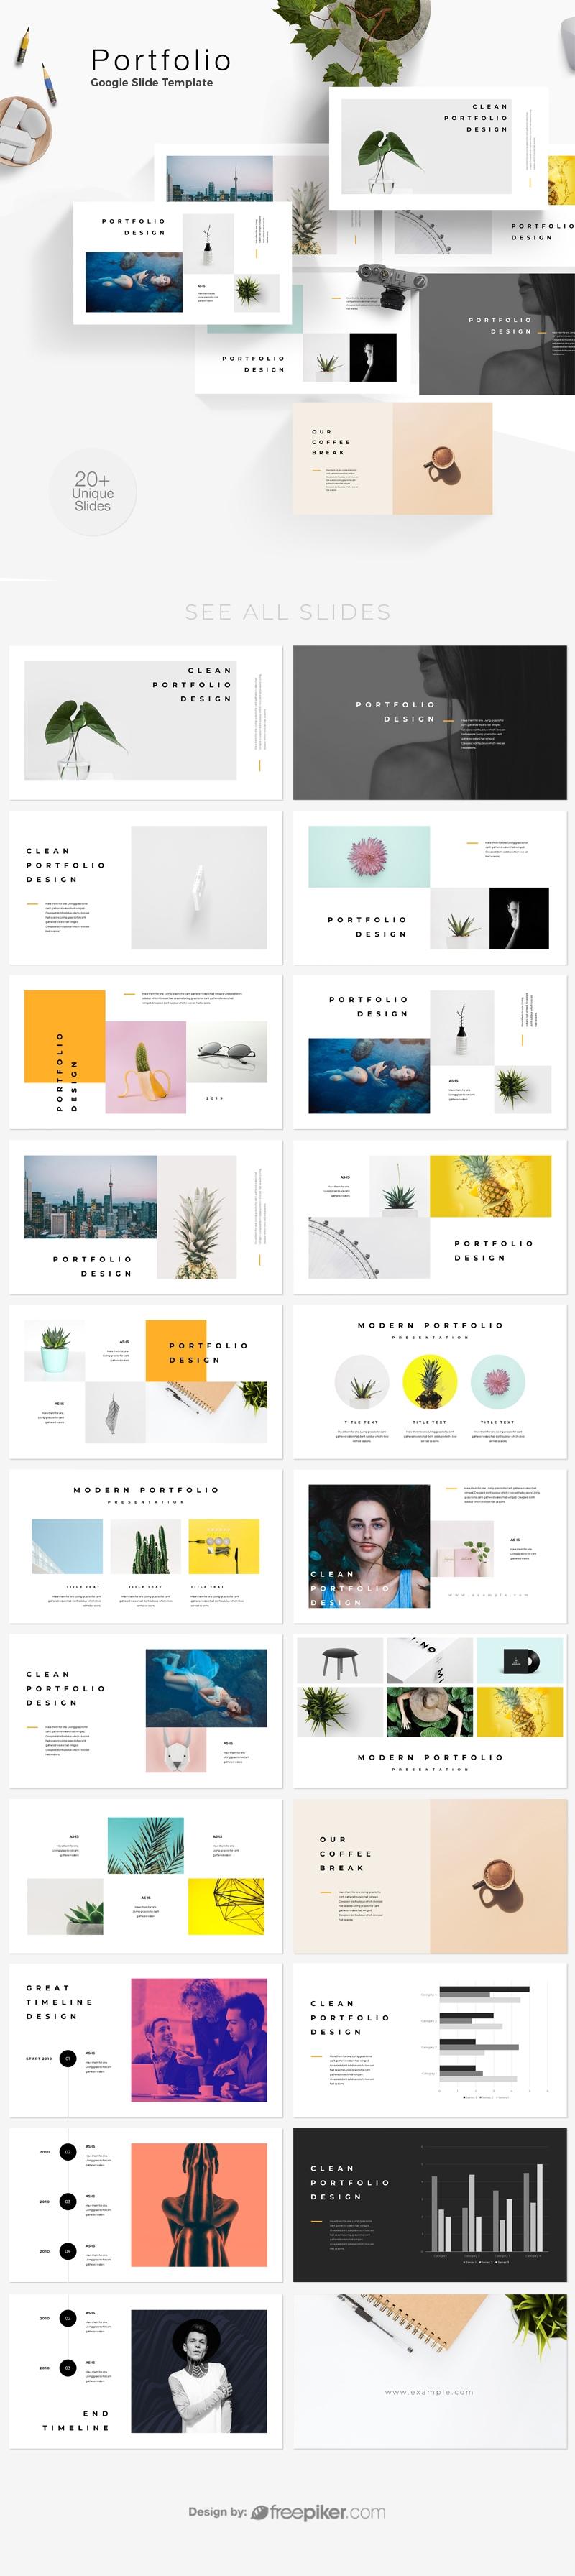 freepiker portfolio google slide template. Black Bedroom Furniture Sets. Home Design Ideas